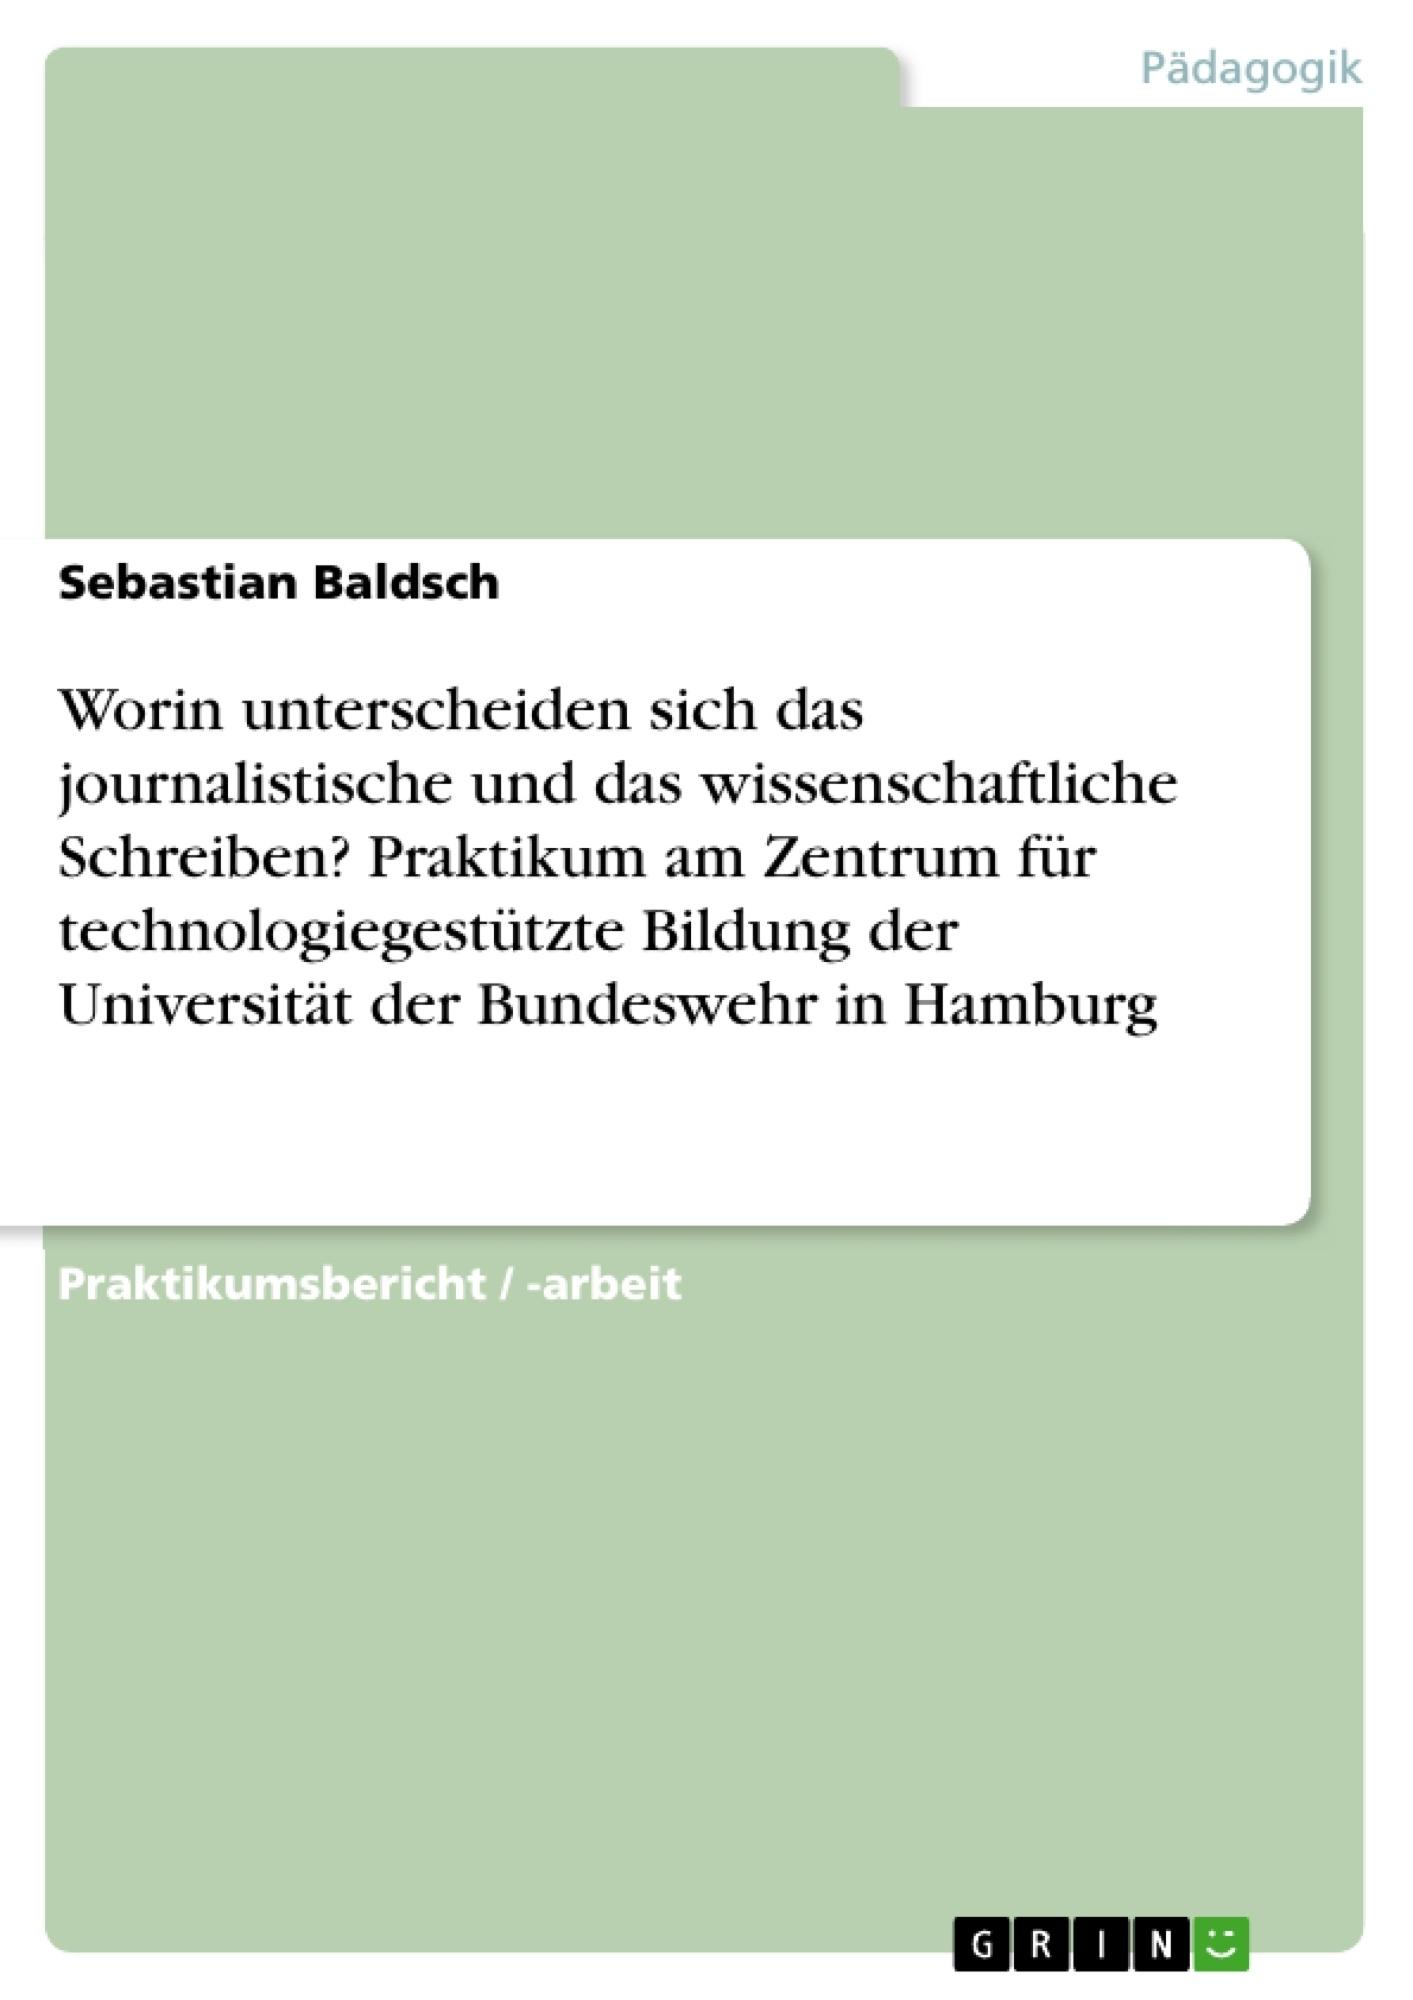 Titel: Worin unterscheiden sich das journalistische und das wissenschaftliche Schreiben? Praktikum am Zentrum für technologiegestützte Bildung der Universität der Bundeswehr in Hamburg